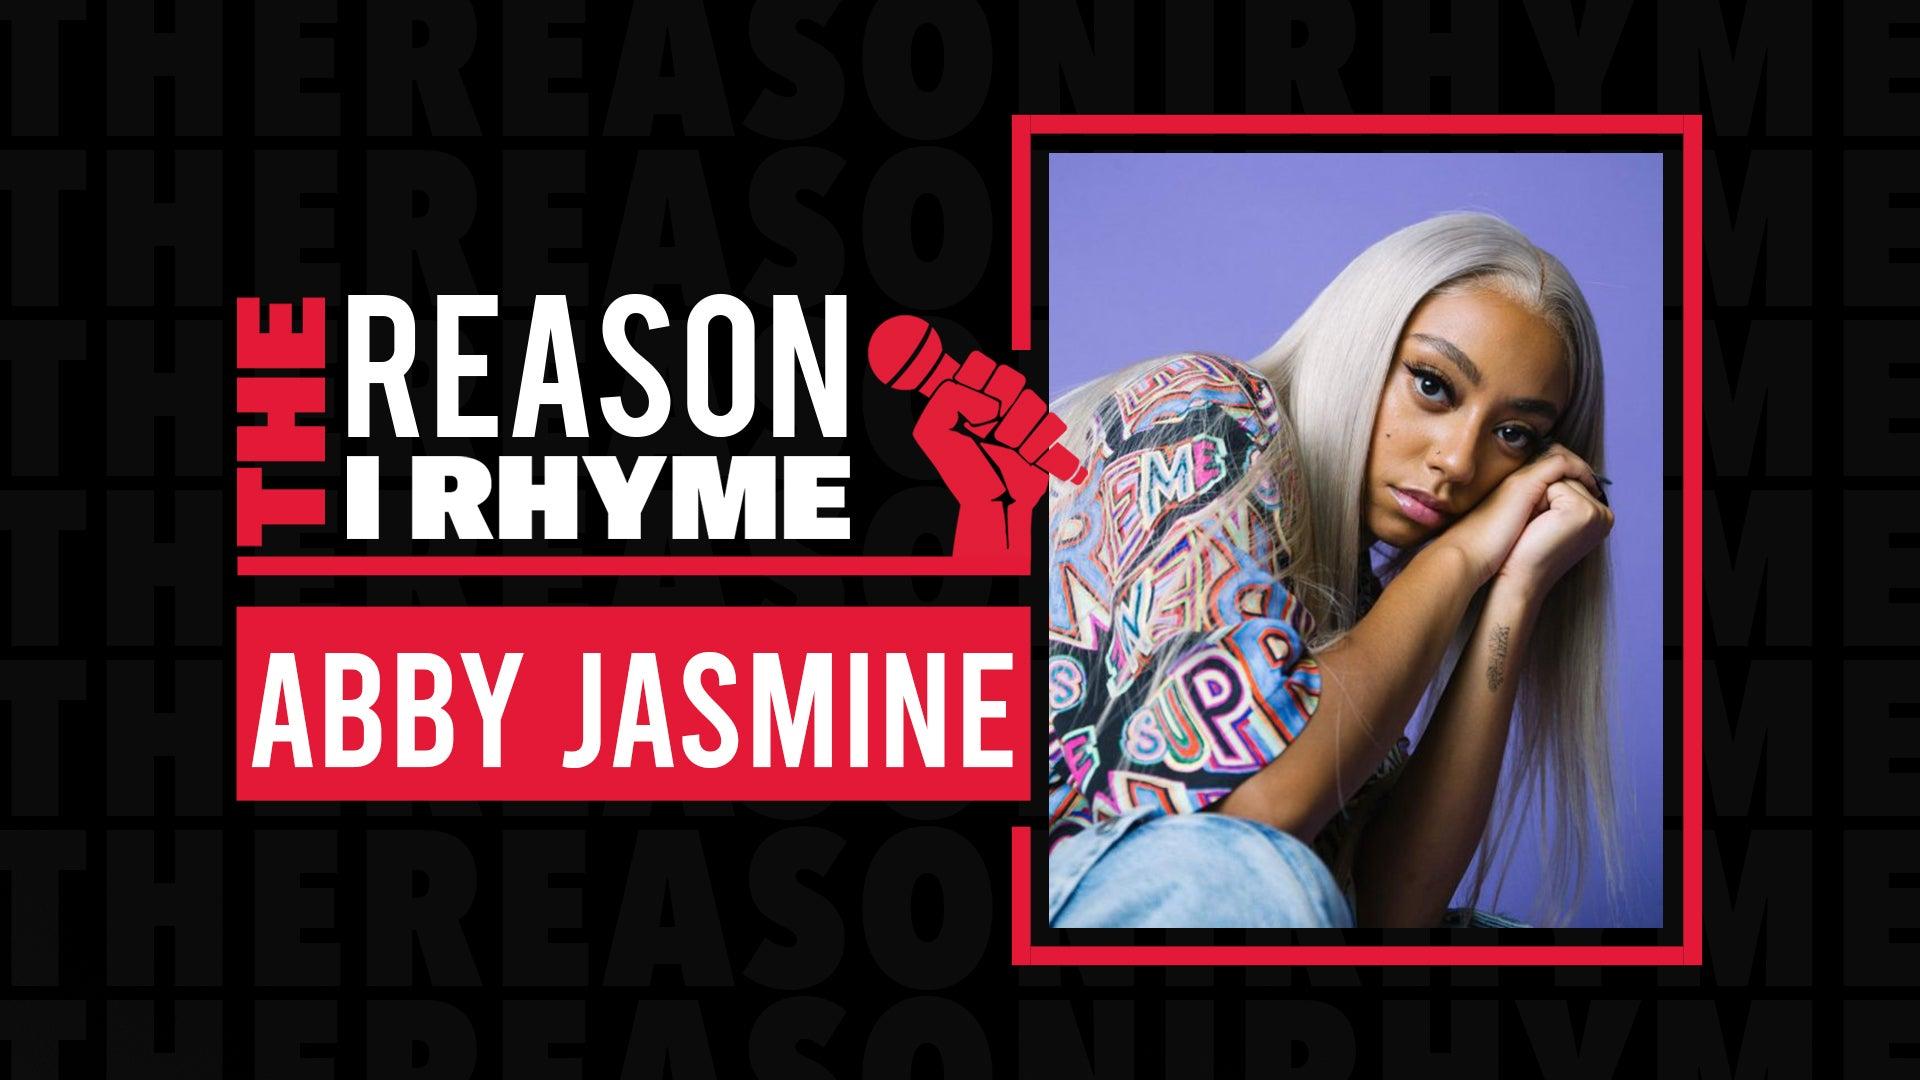 The Reason I Rhyme: Abby Jasmine